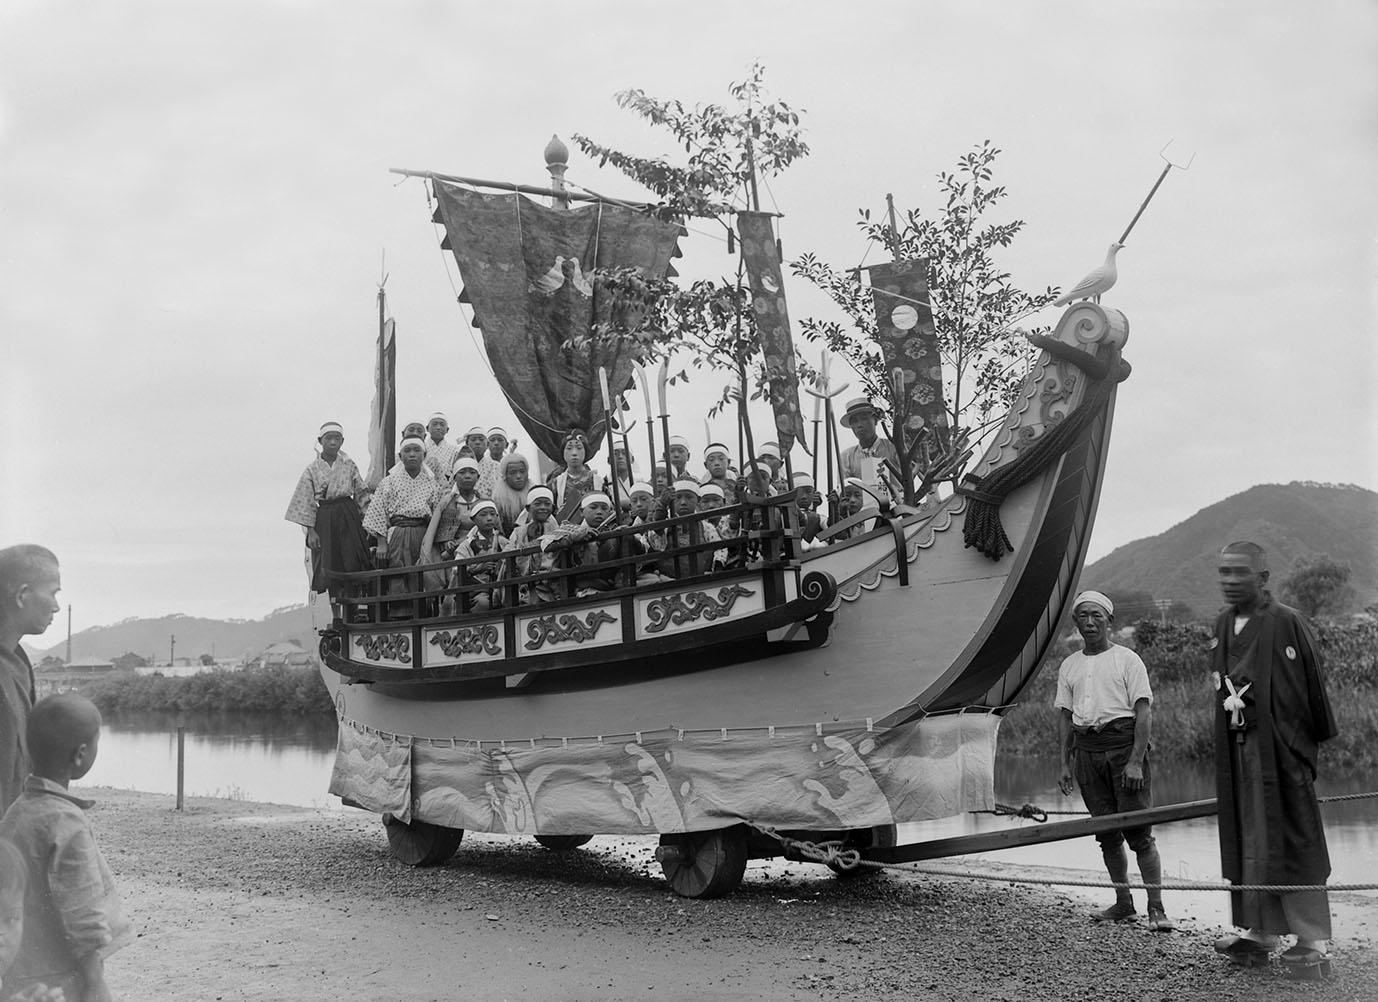 井田家所蔵古写真「放生祭 広峰区船型山車」